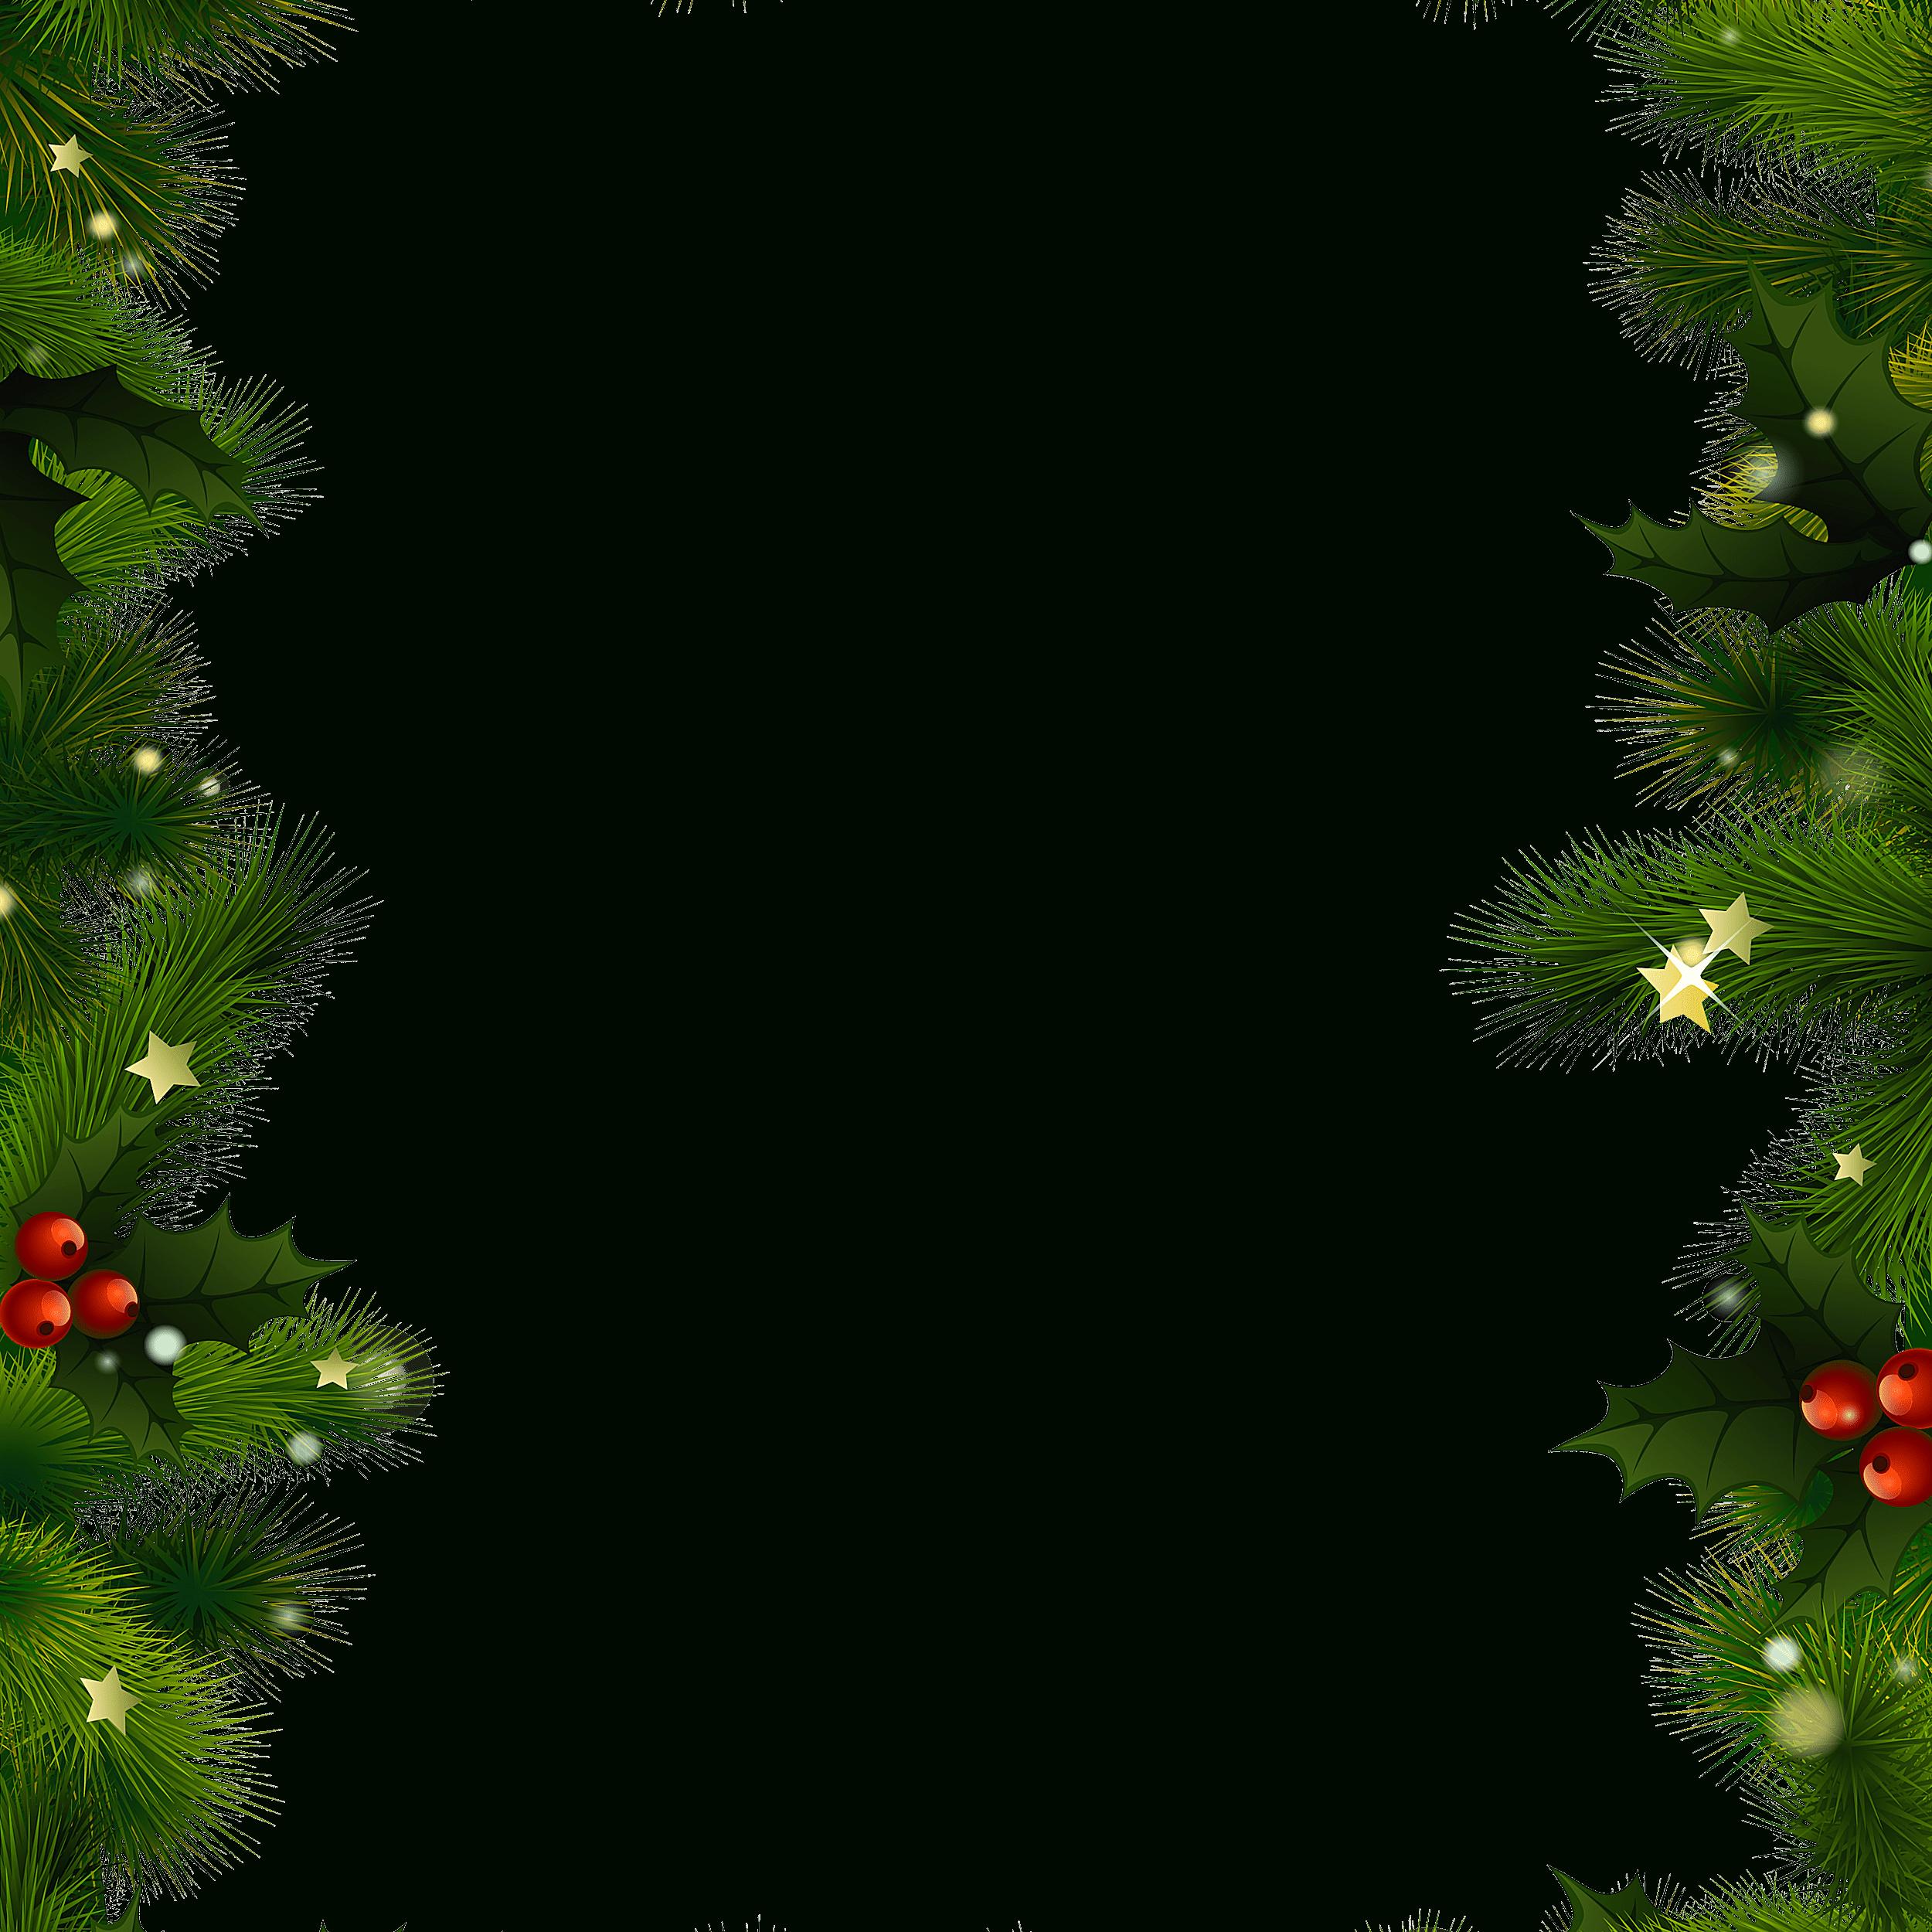 Free Christmas Borders And Frames - Free Printable Christmas Borders